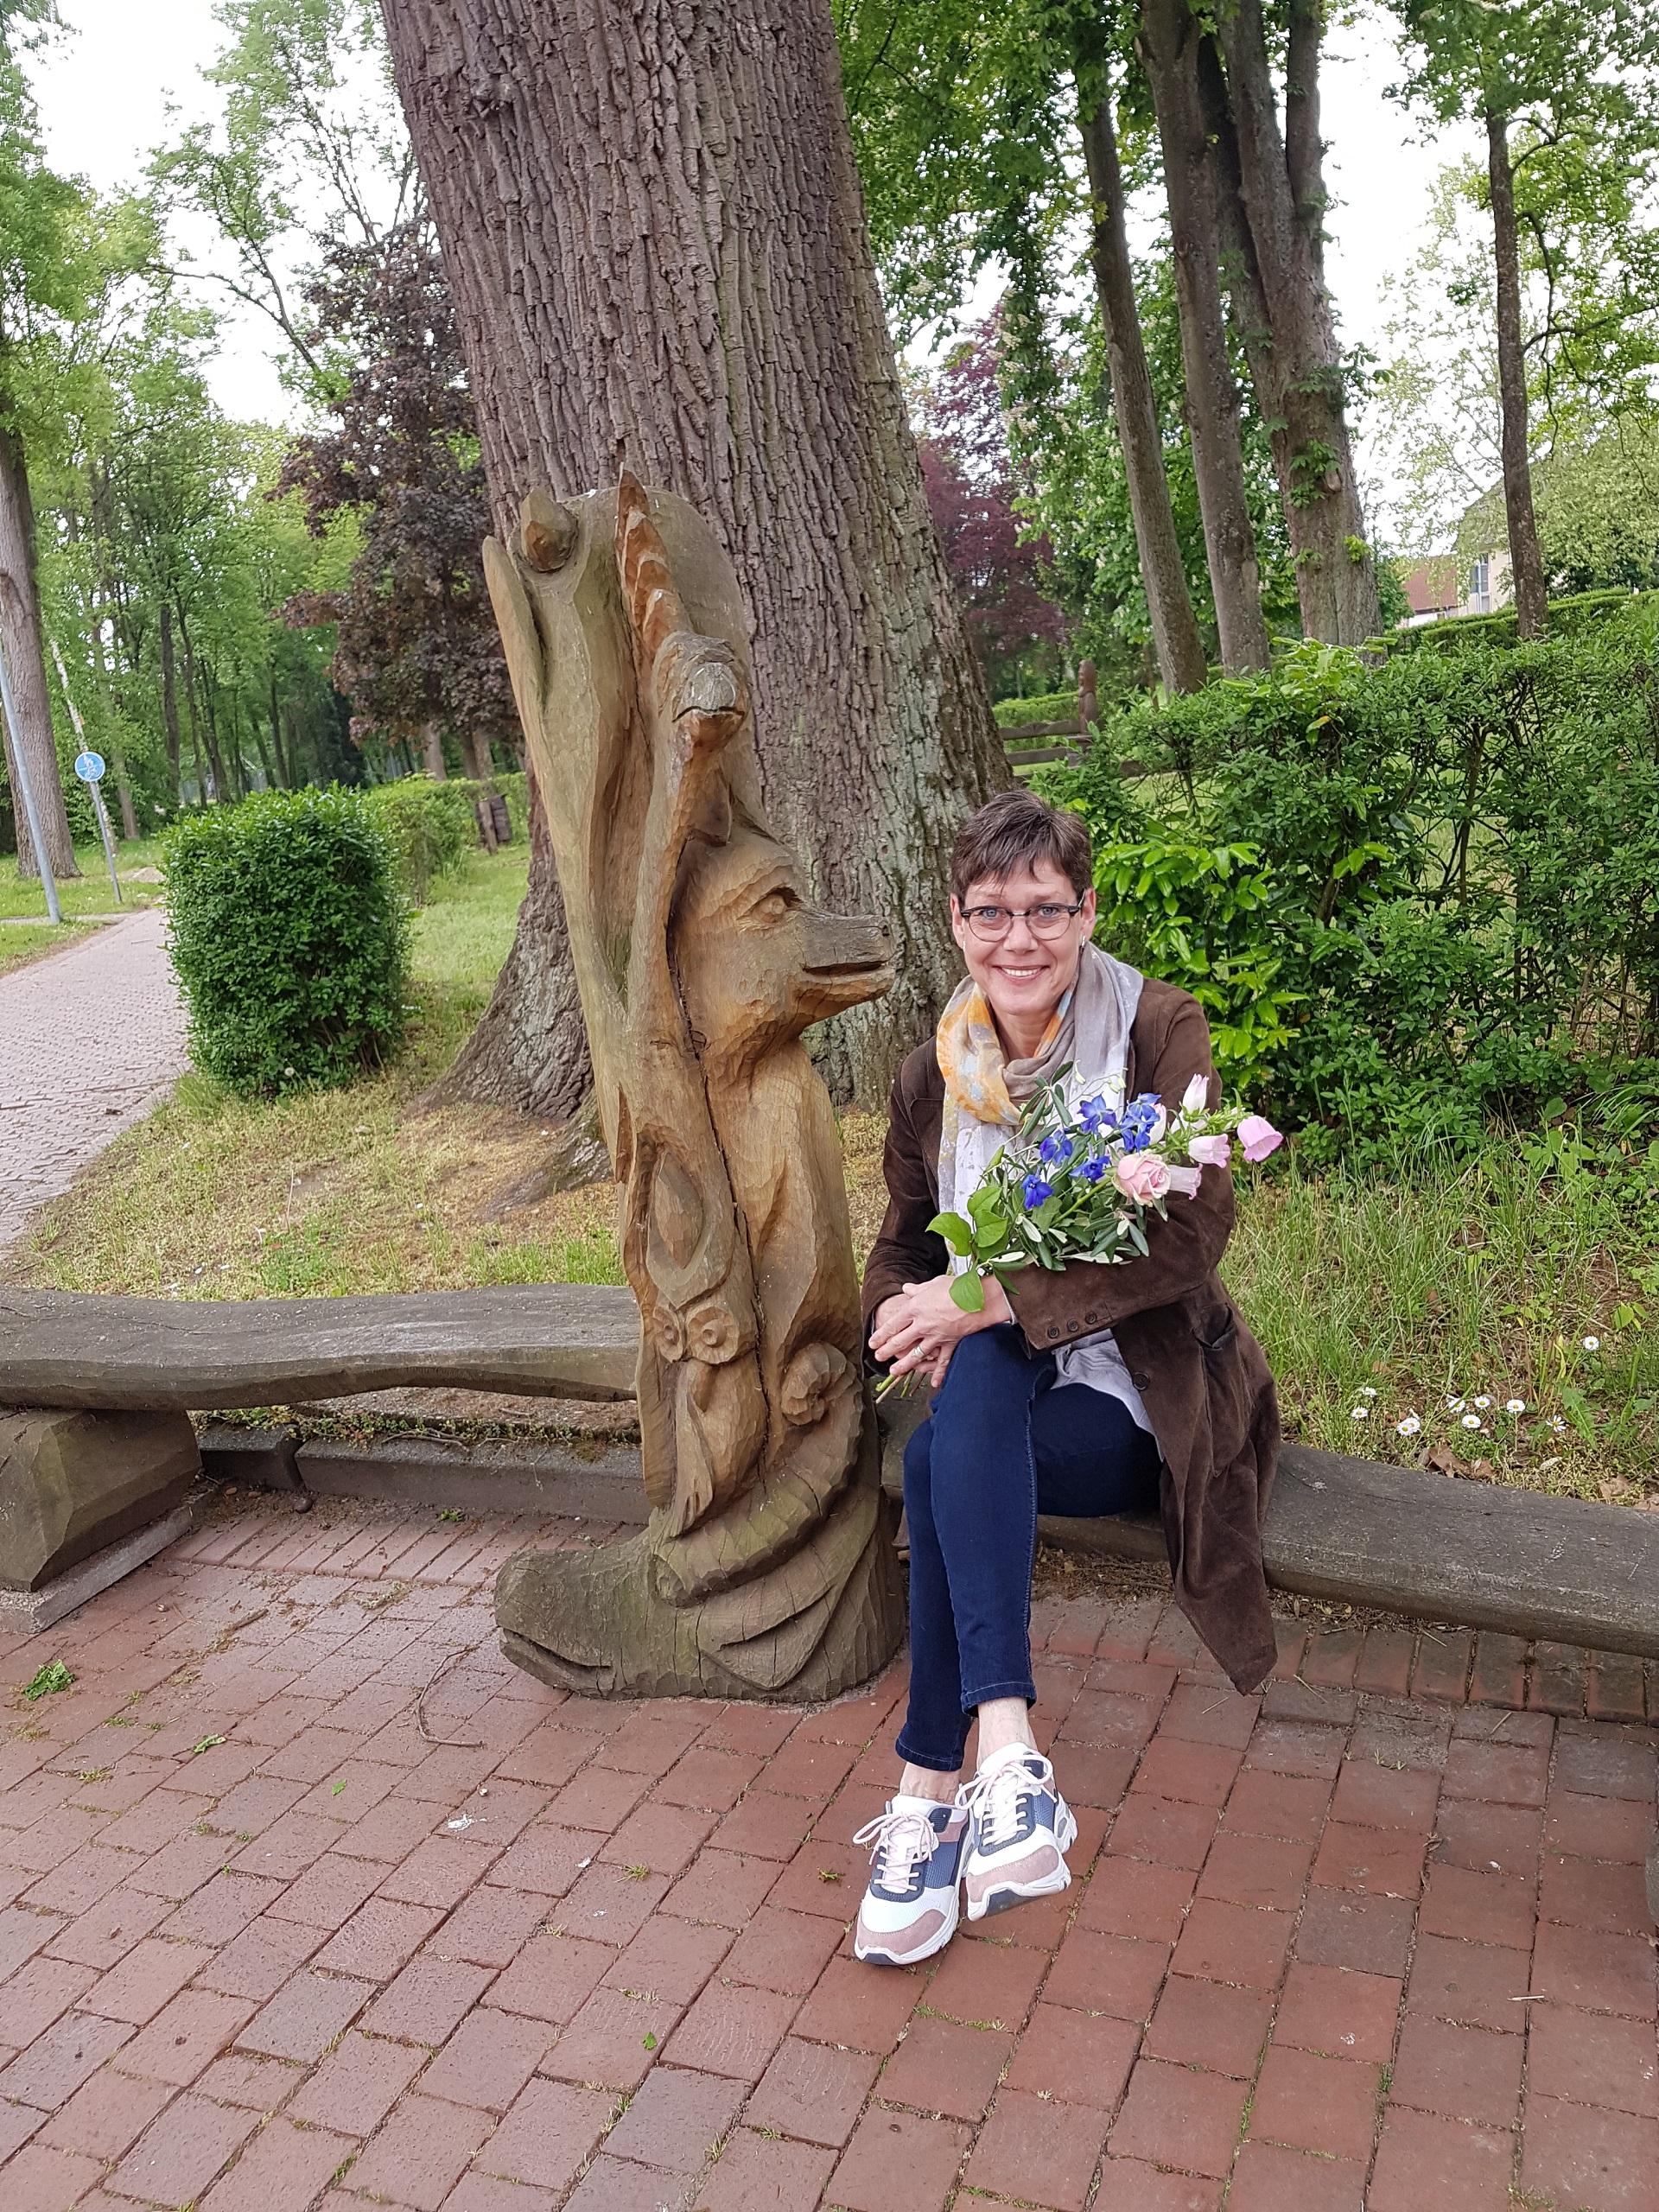 Balandžio mėnesį mūsų matematikos mokytoja Suzanne Stoehr šventė savo 50 metų jubiliejų! (Foto: A. D'Elia)